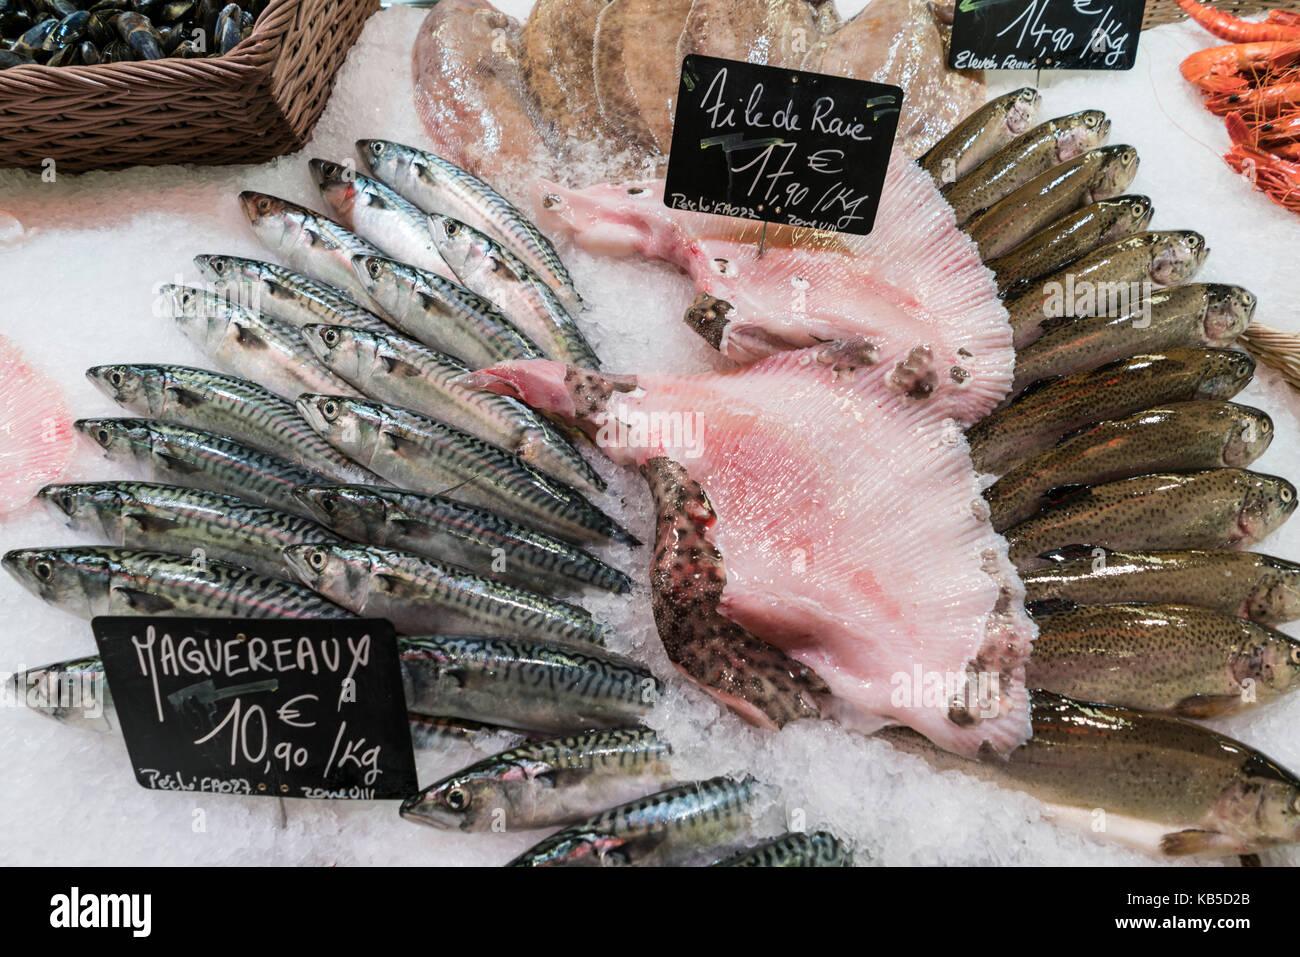 Fresh fish,  Marche de Capucins, Bordeaux, France - Stock Image